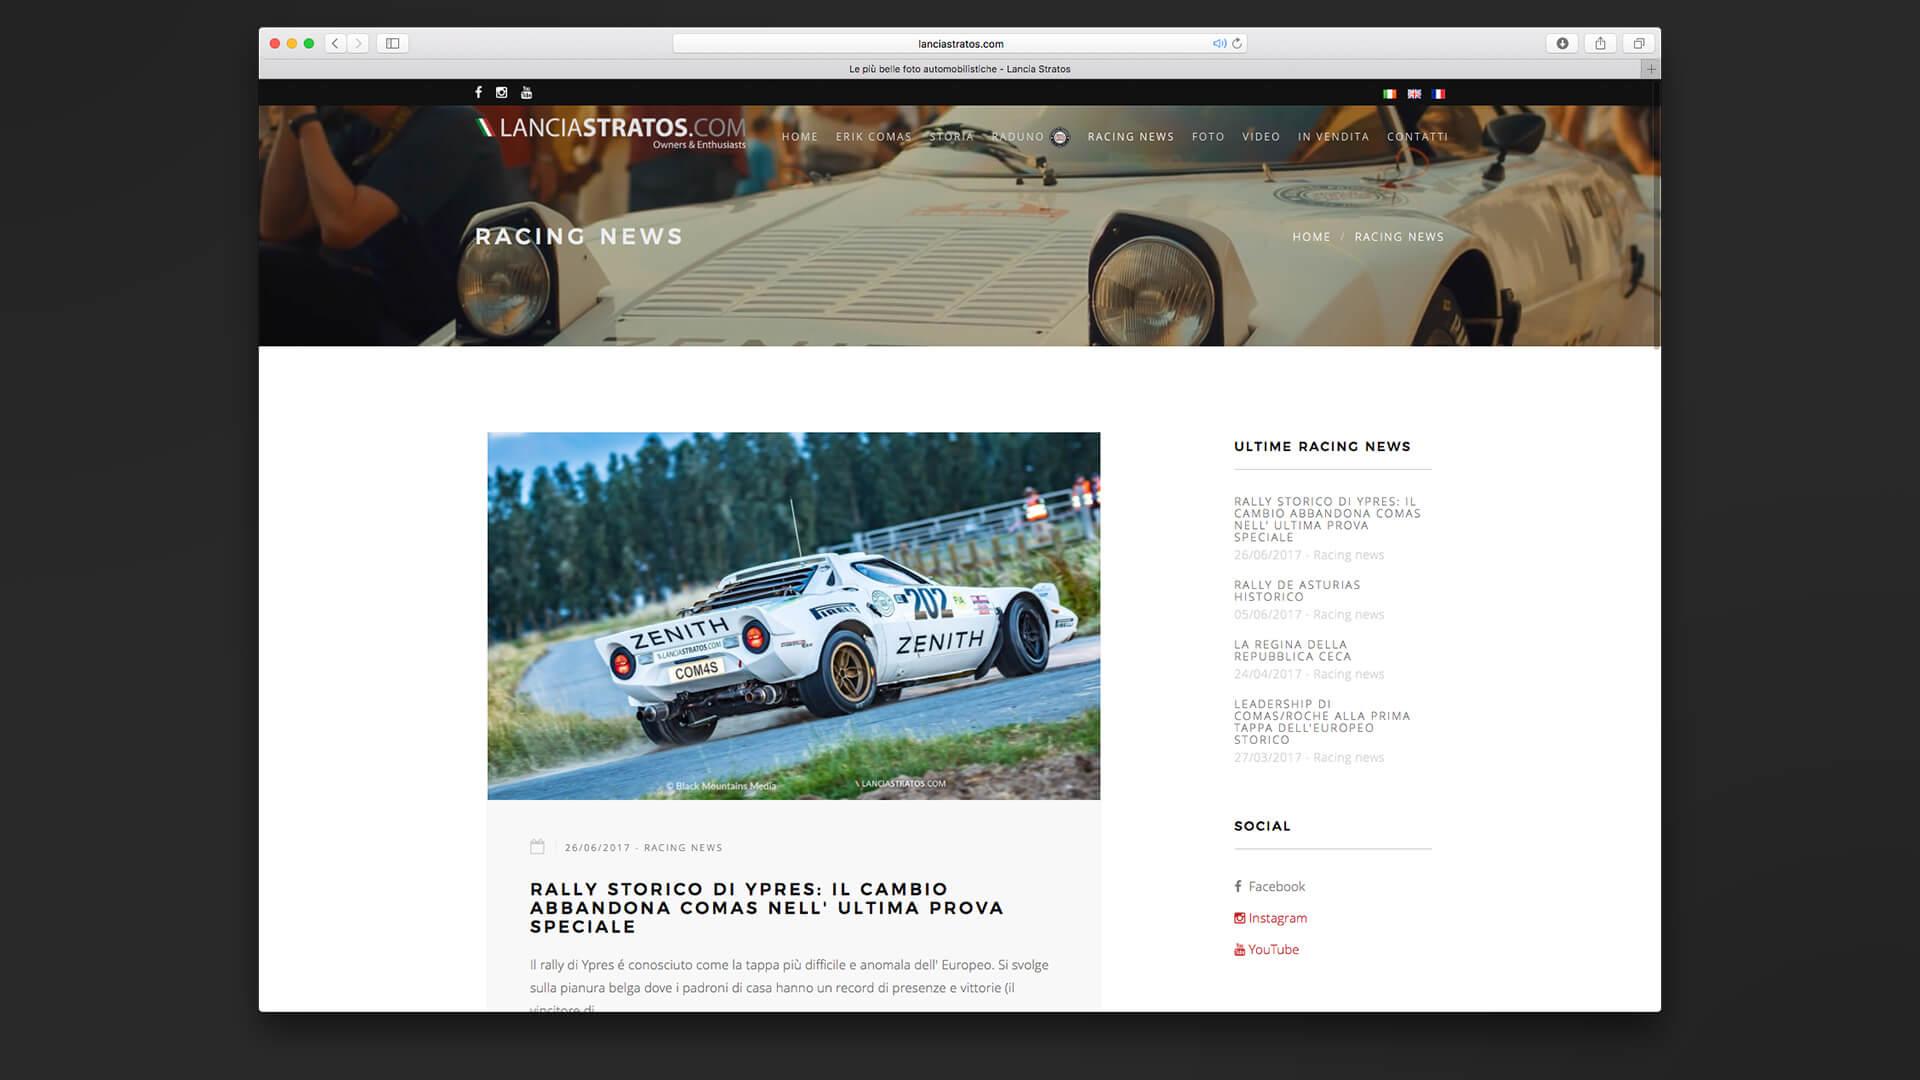 Sezione news del sito